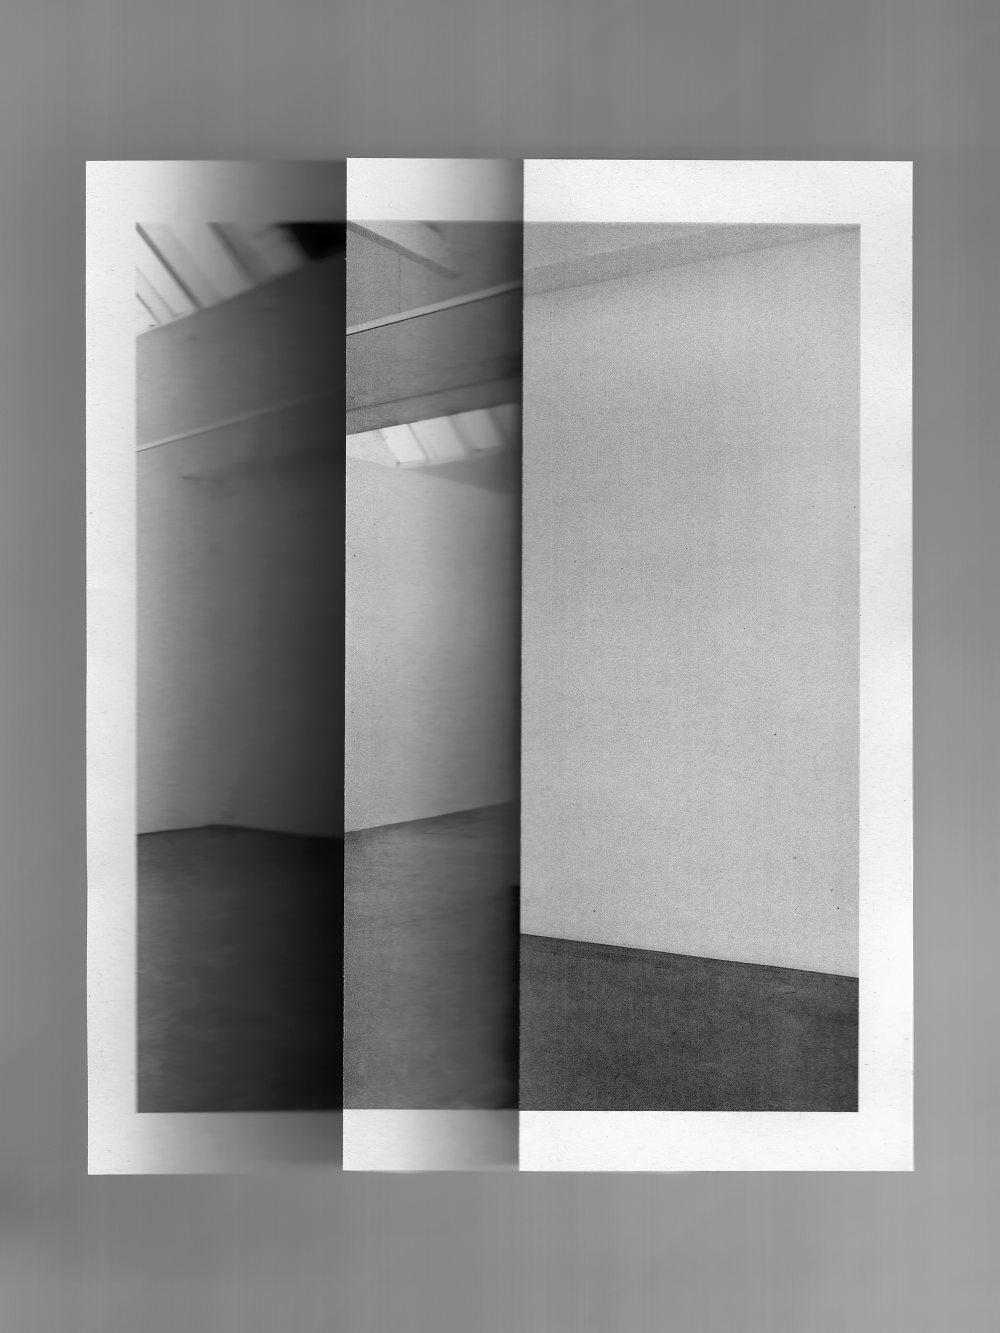 Untitled (Double over) III